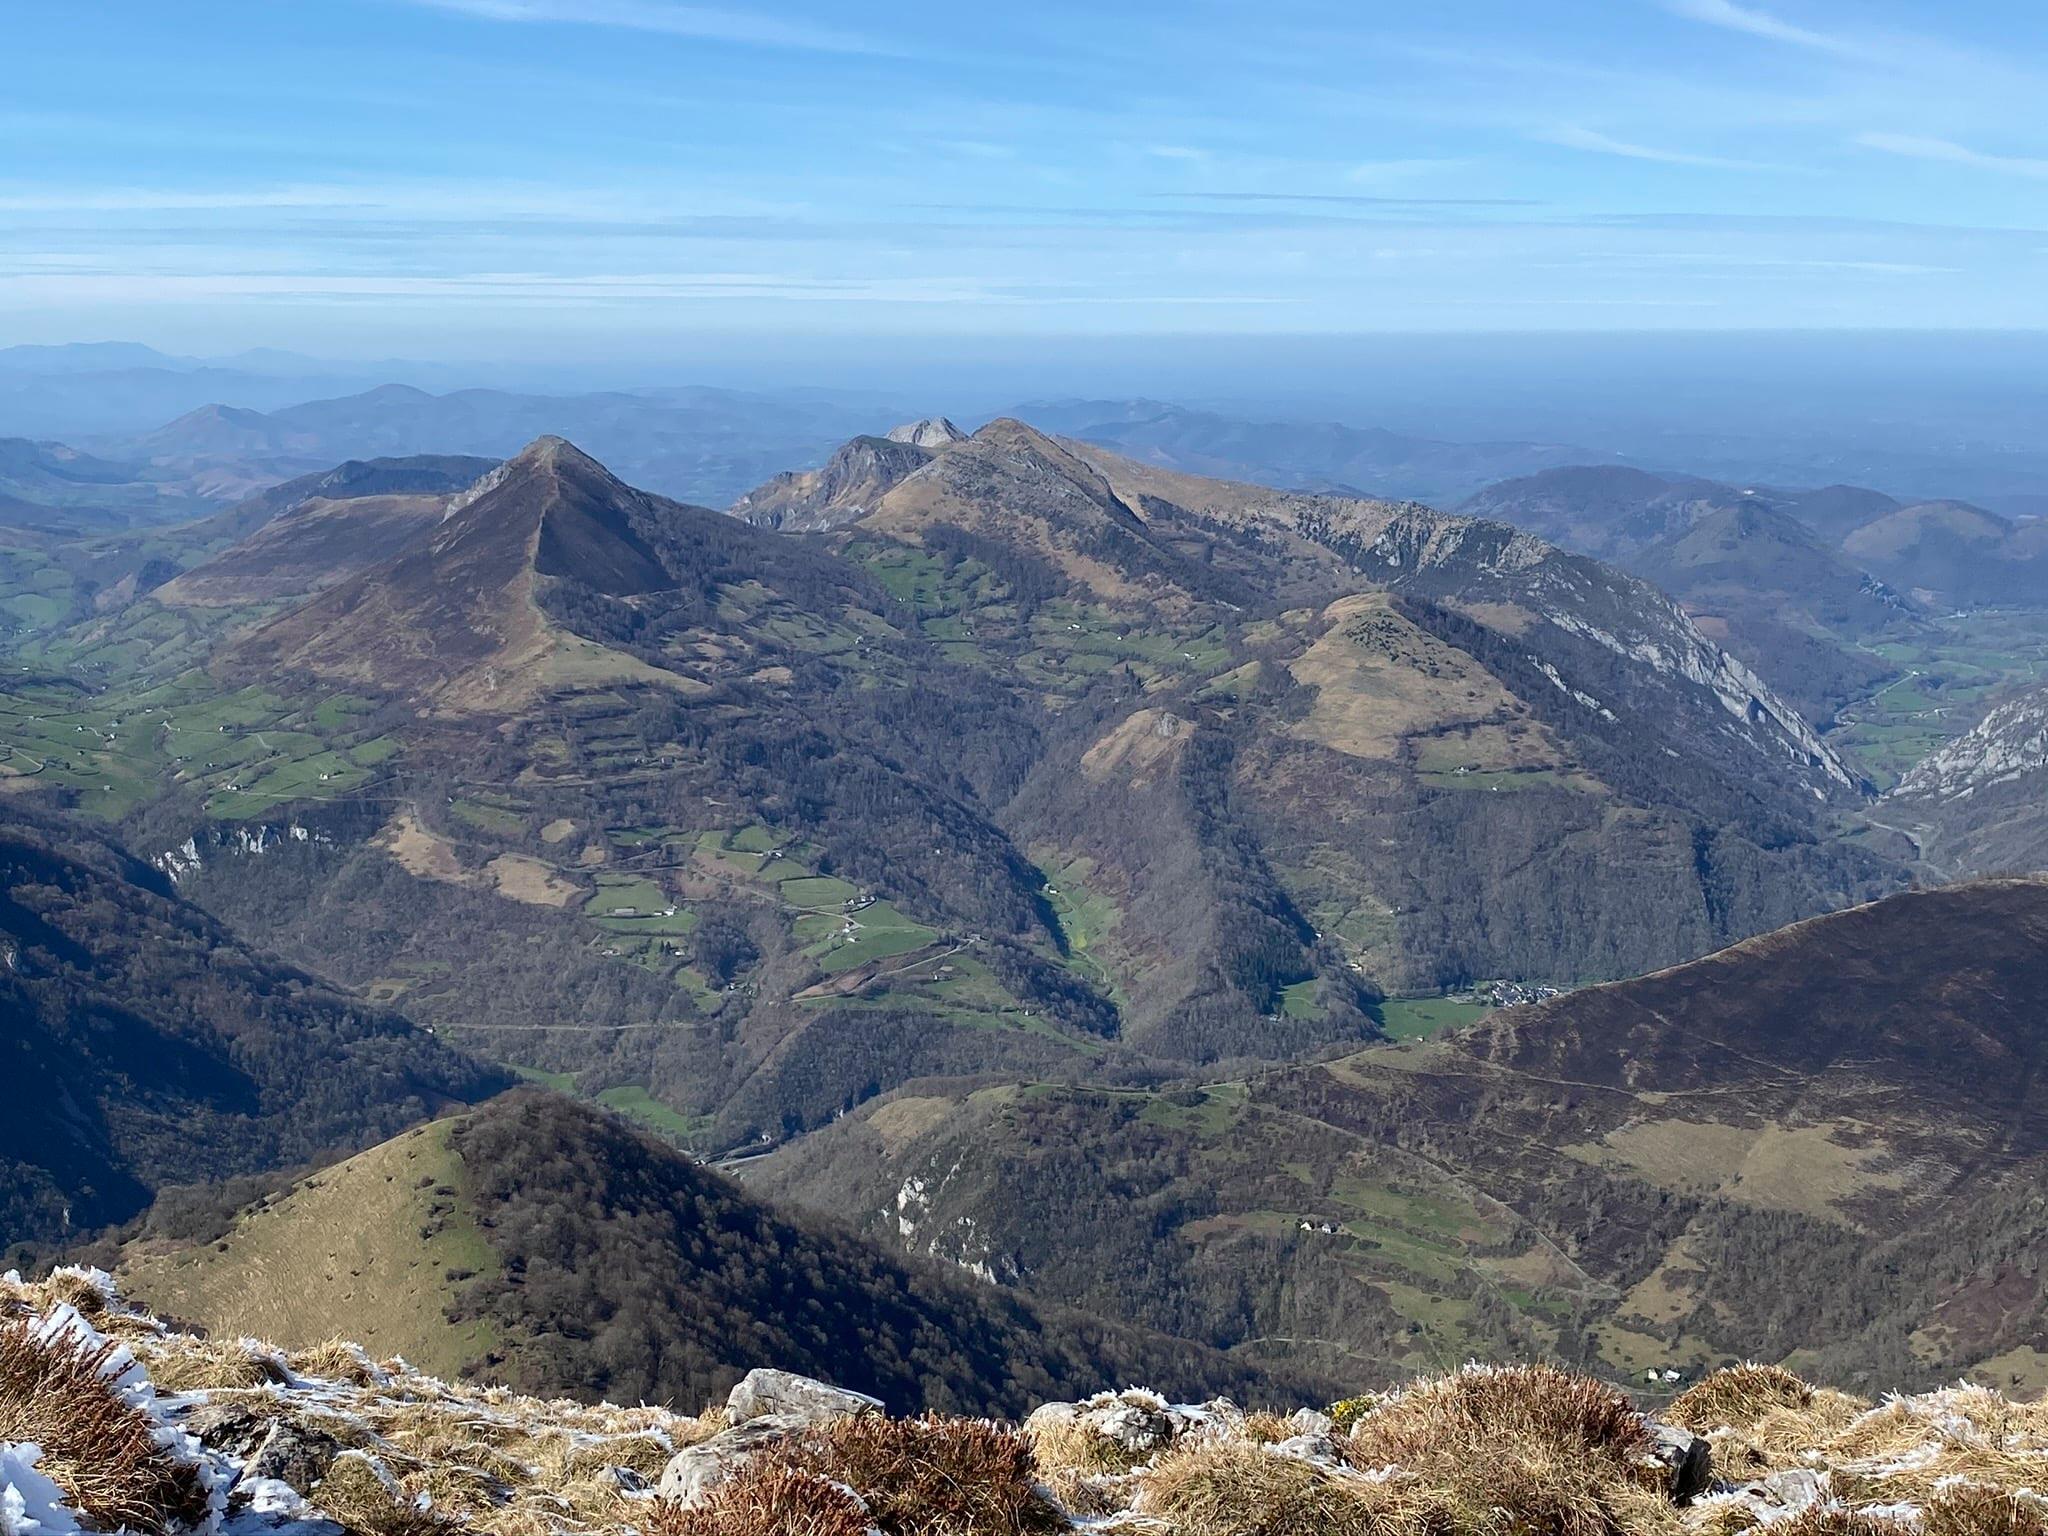 Panorama vers le début de la vallée d'Aspe. On reconnait le trône du Roi.